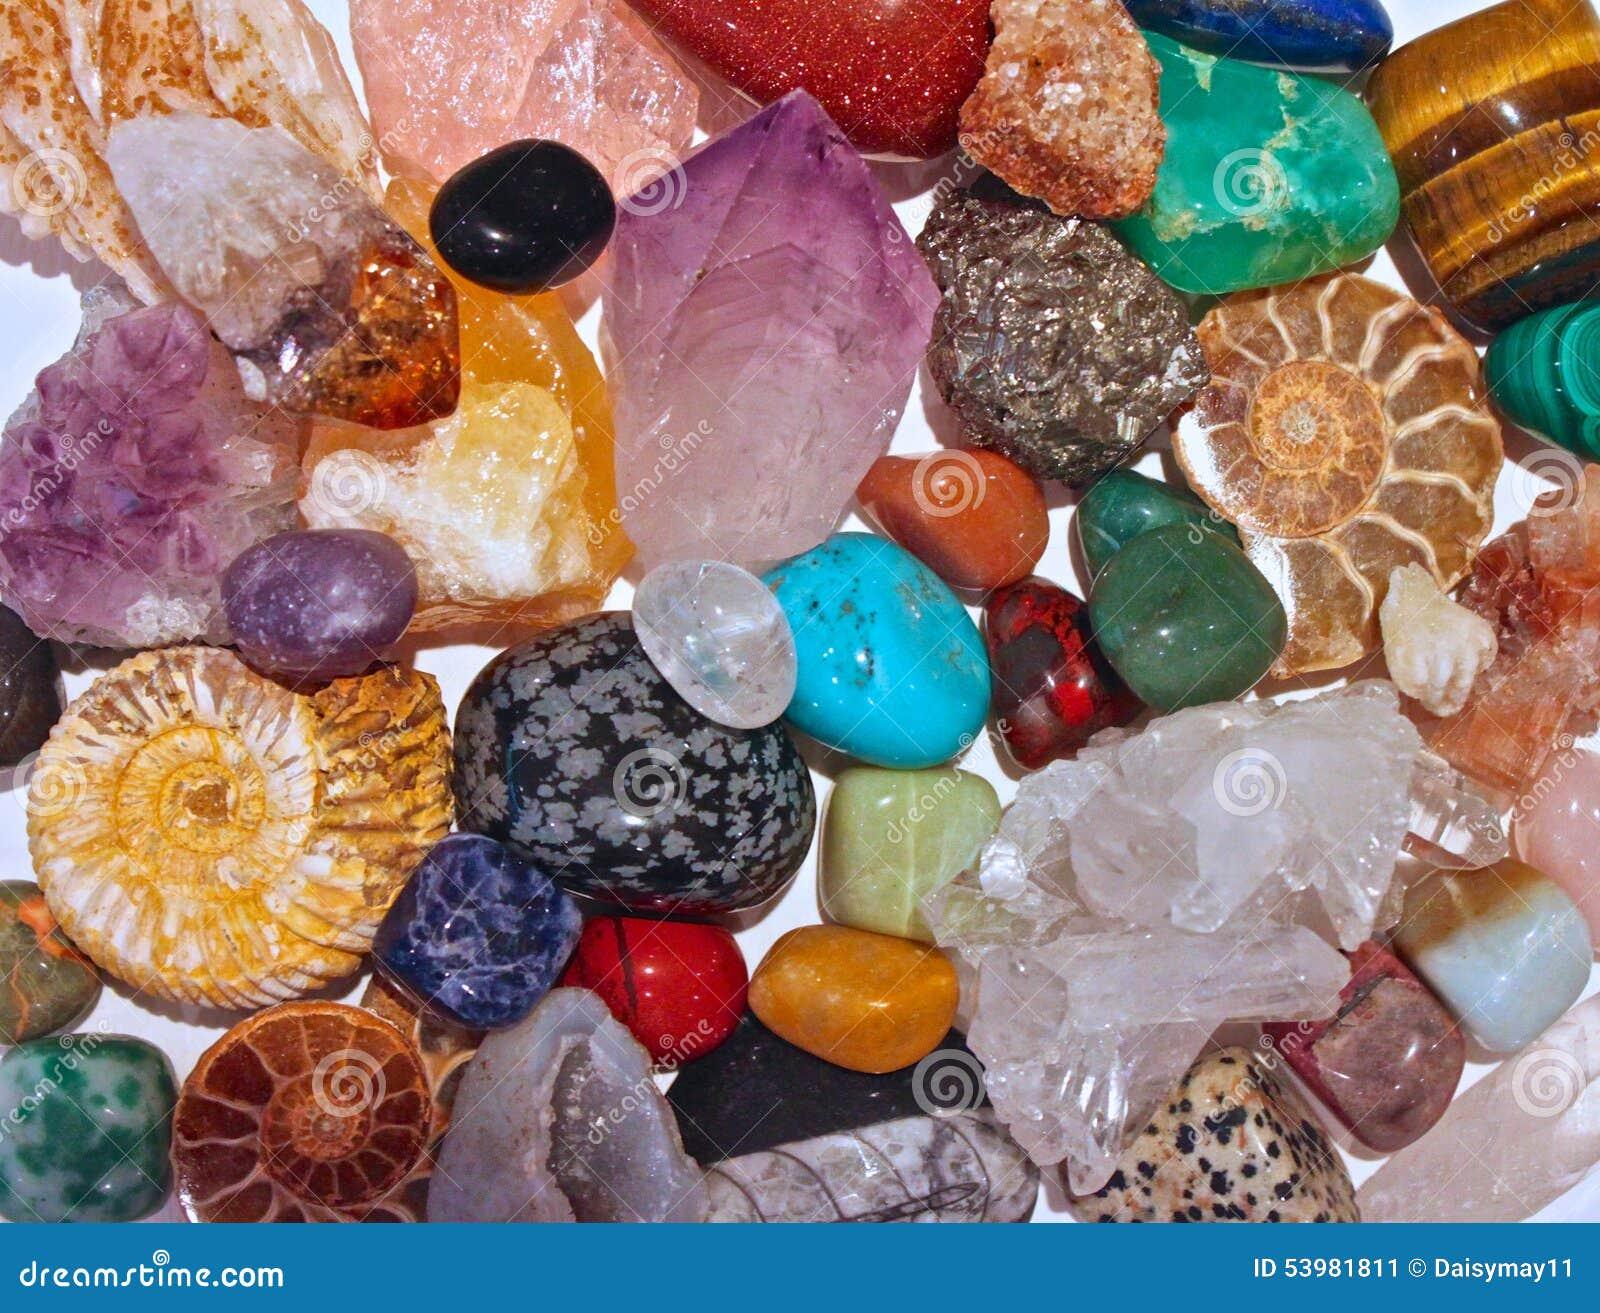 Kopalina kryształy i semi cenni kamienie